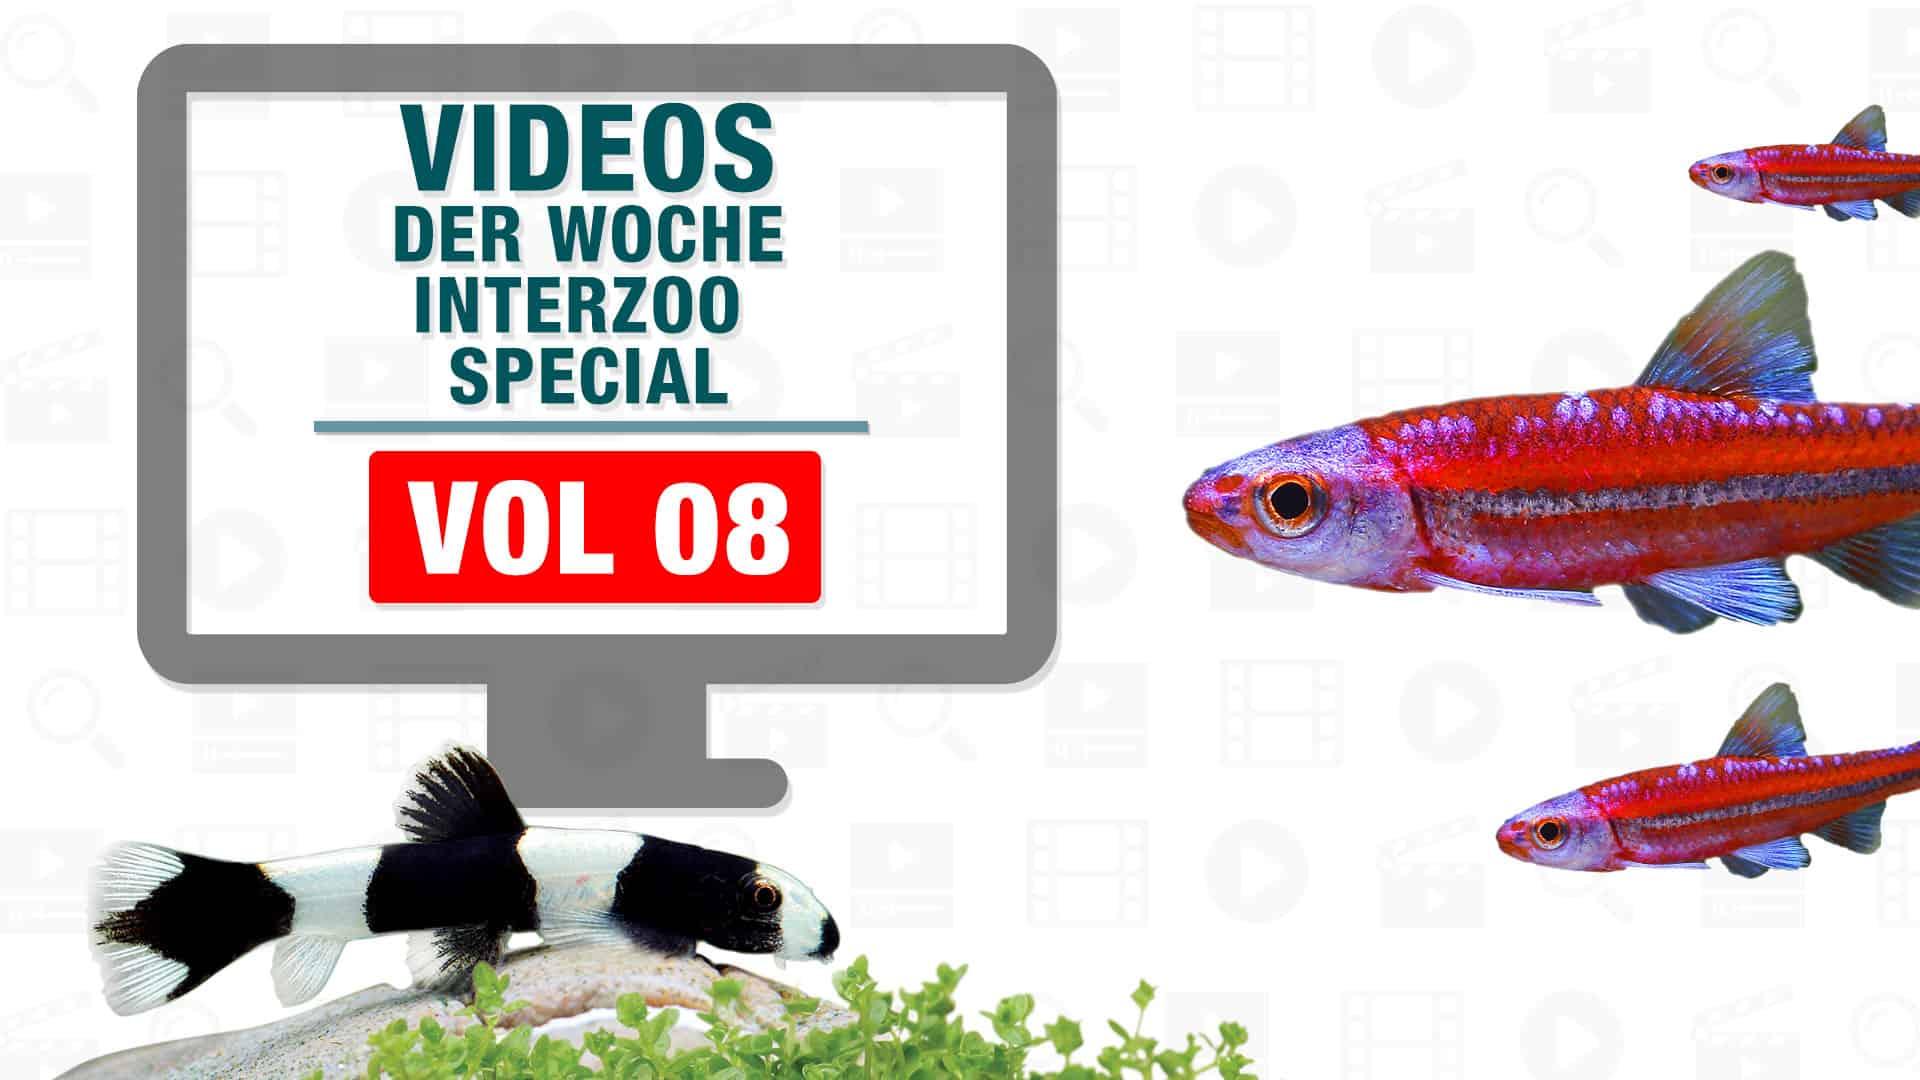 Videos der Woche - Interzoo Special 1